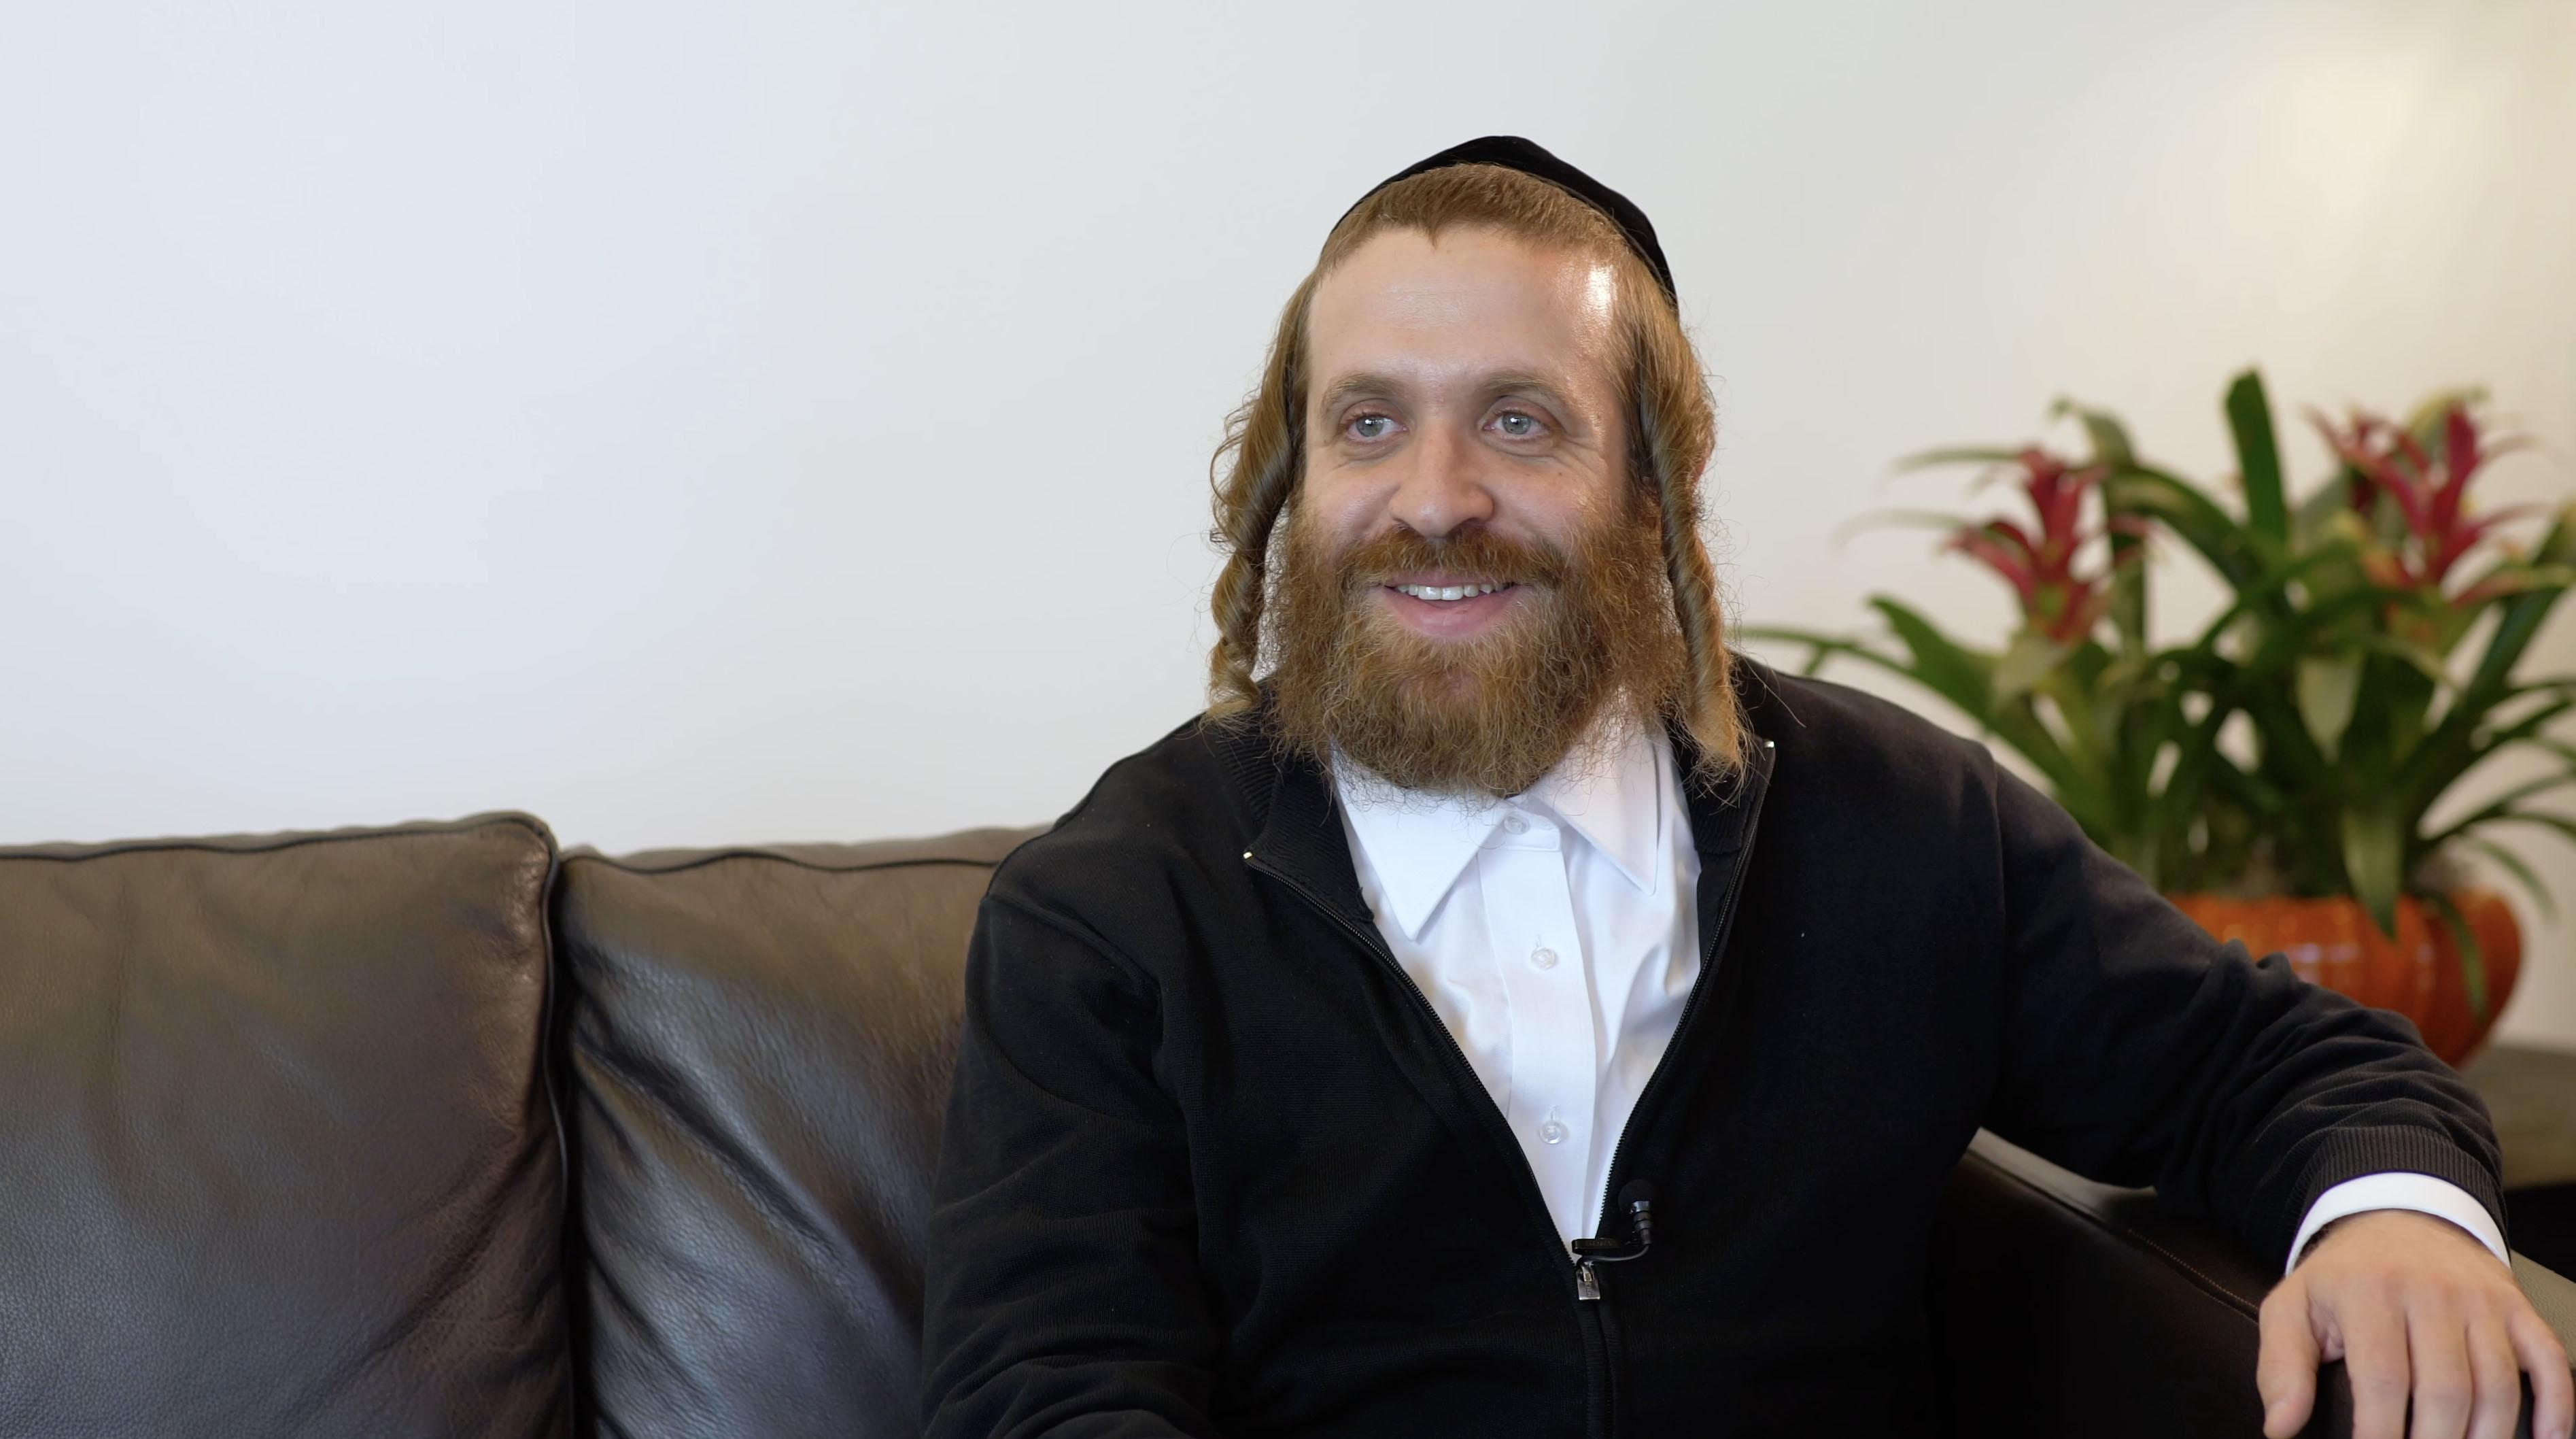 Chaim Ekstein